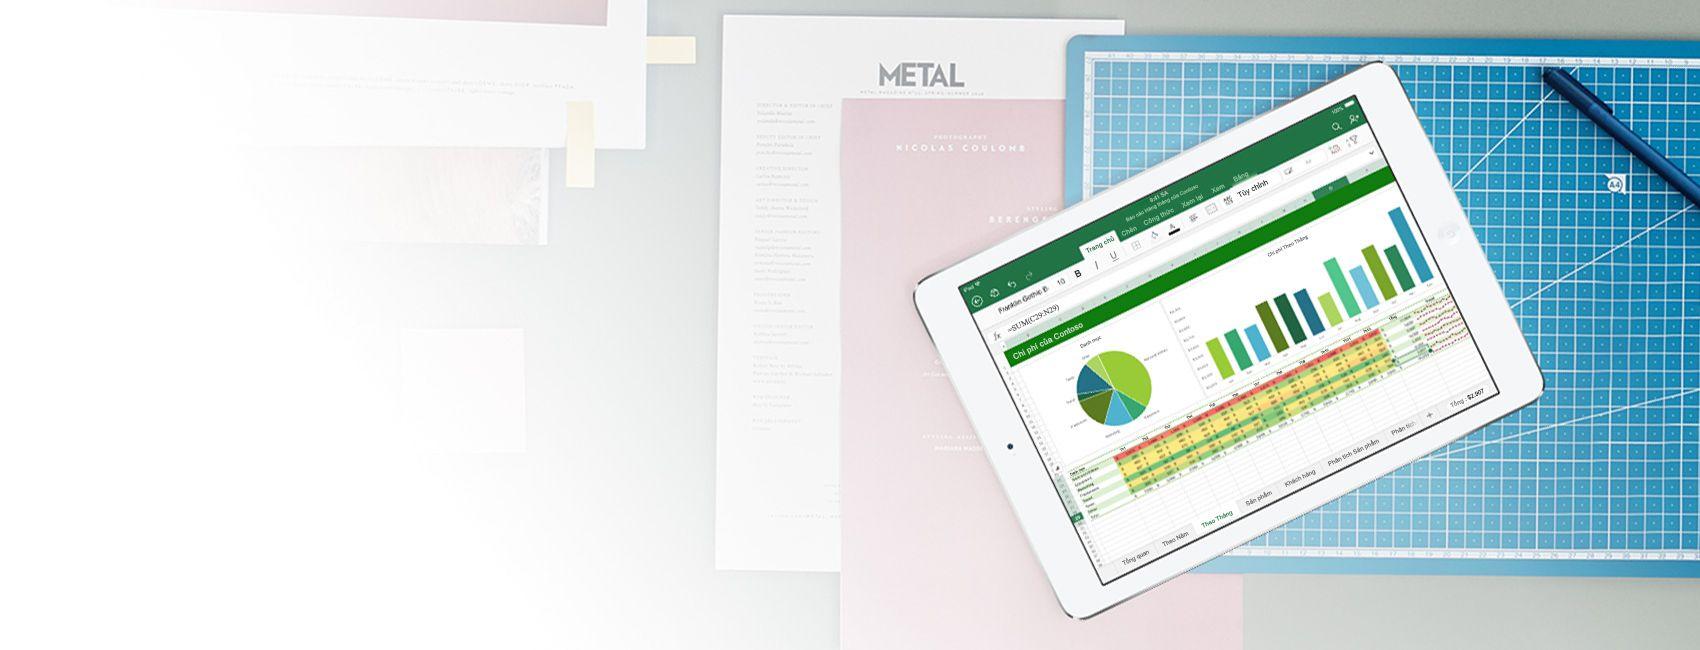 Một chiếc iPad hiển thị bảng tính và biểu đồ Excel trong ứng dụng Excel dành cho iOS